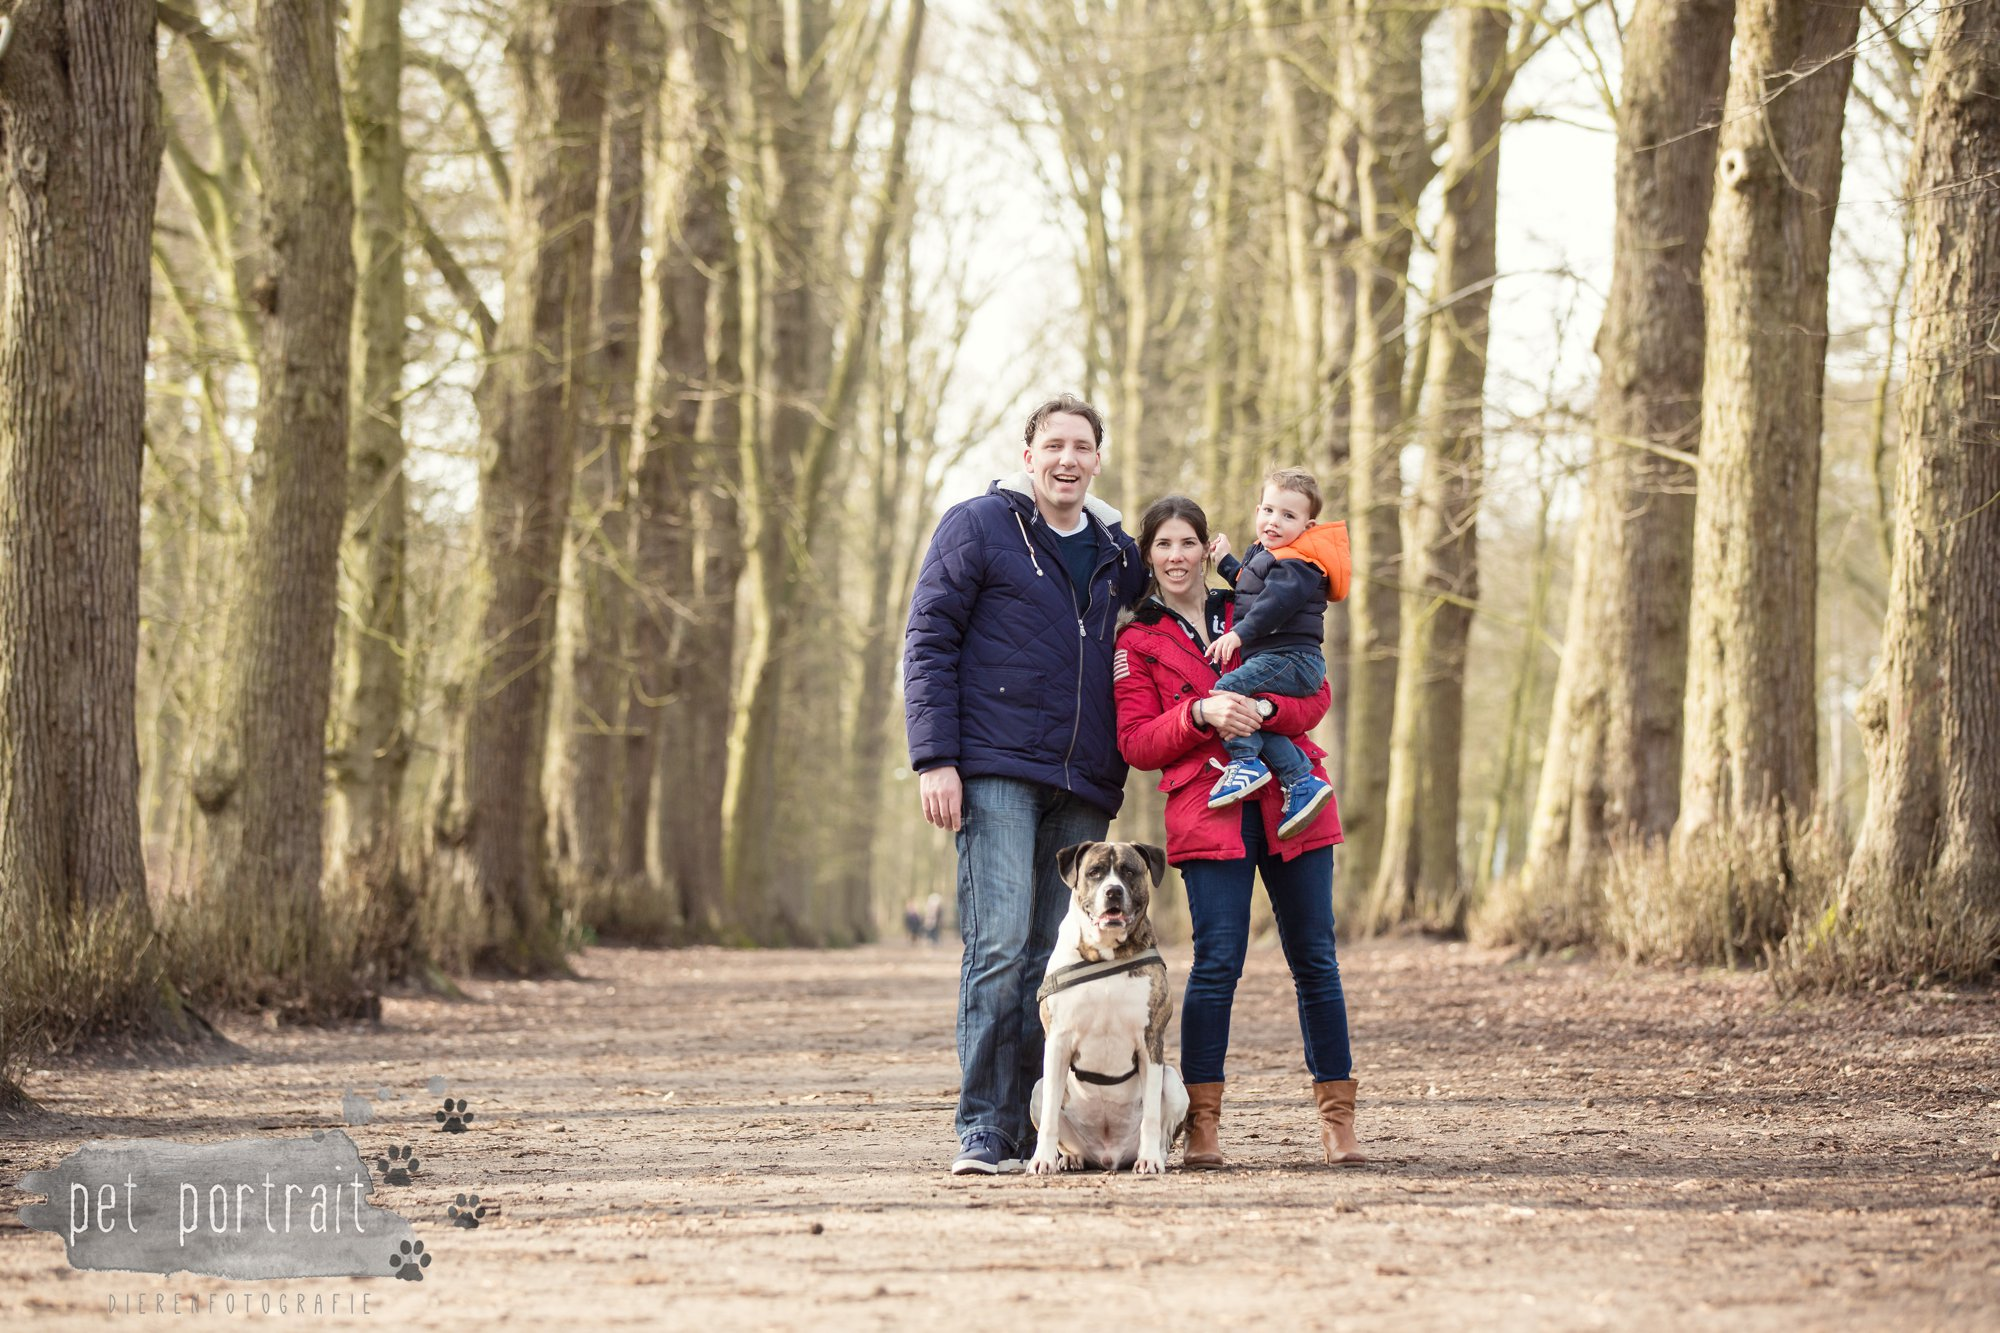 Hondenfotograaf Heemstede - Dier en Baasje fotoshoot in het bos-6